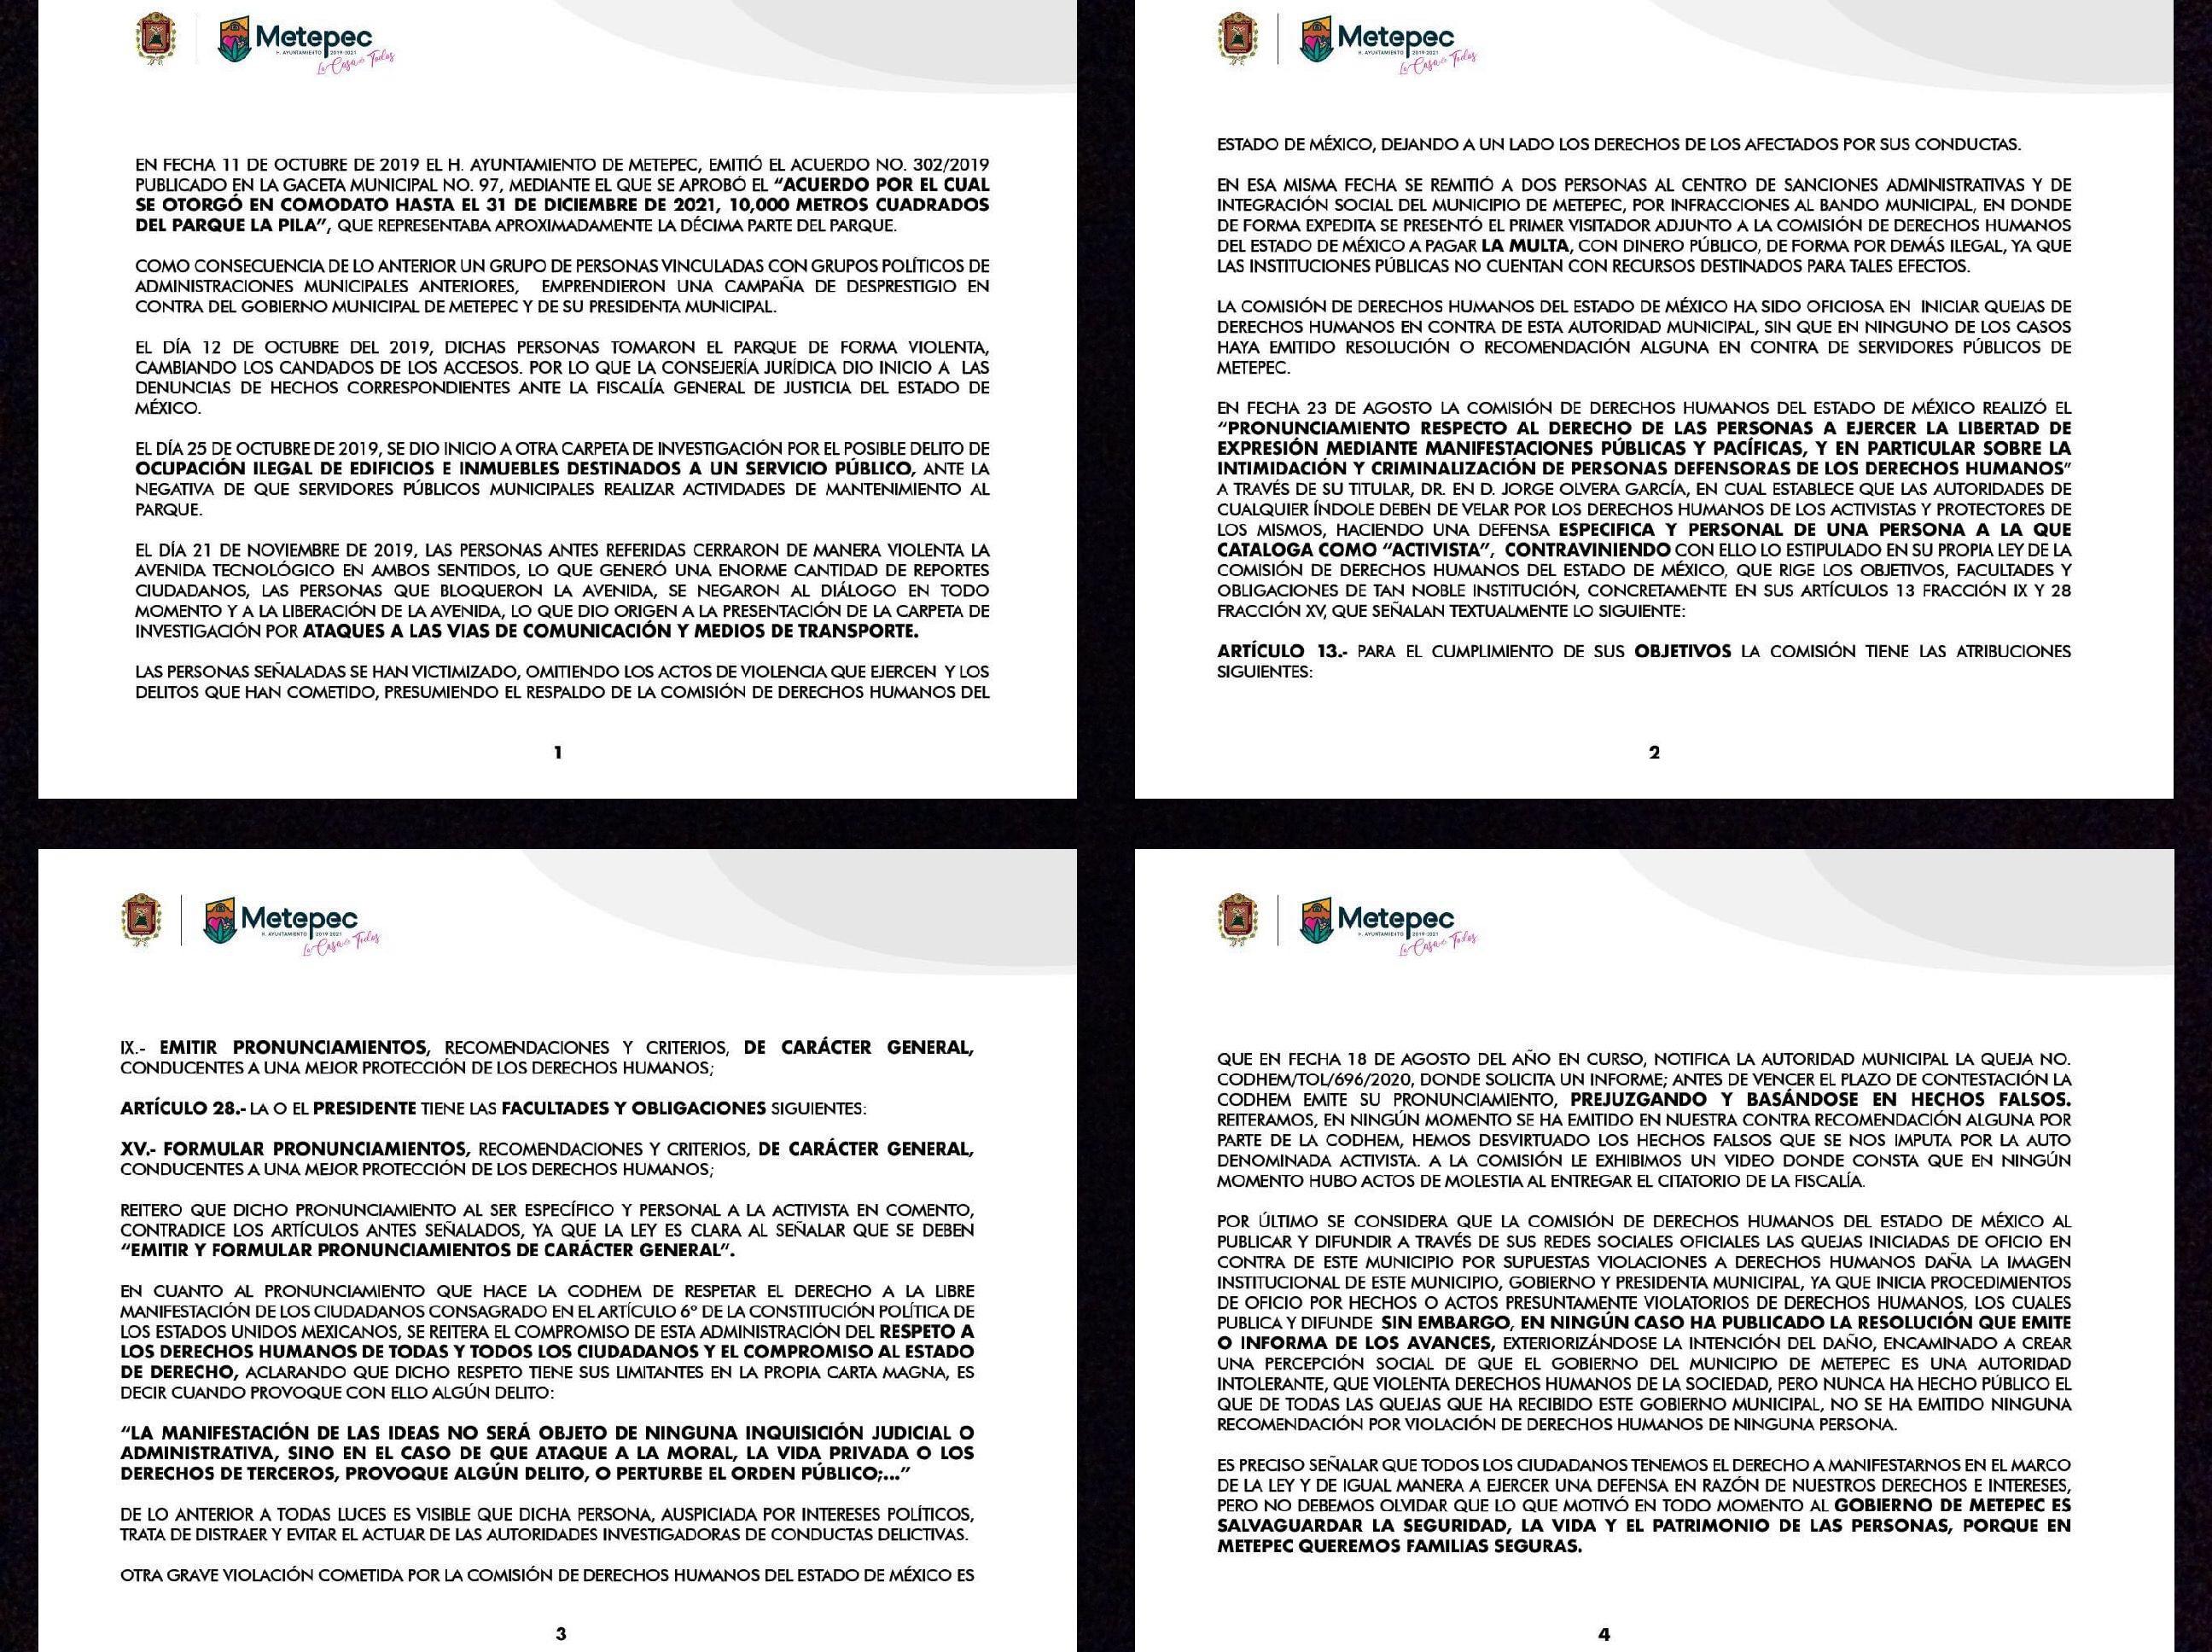 """Expone Metepec """"su verdad"""" sobre denuncia contra activistas"""